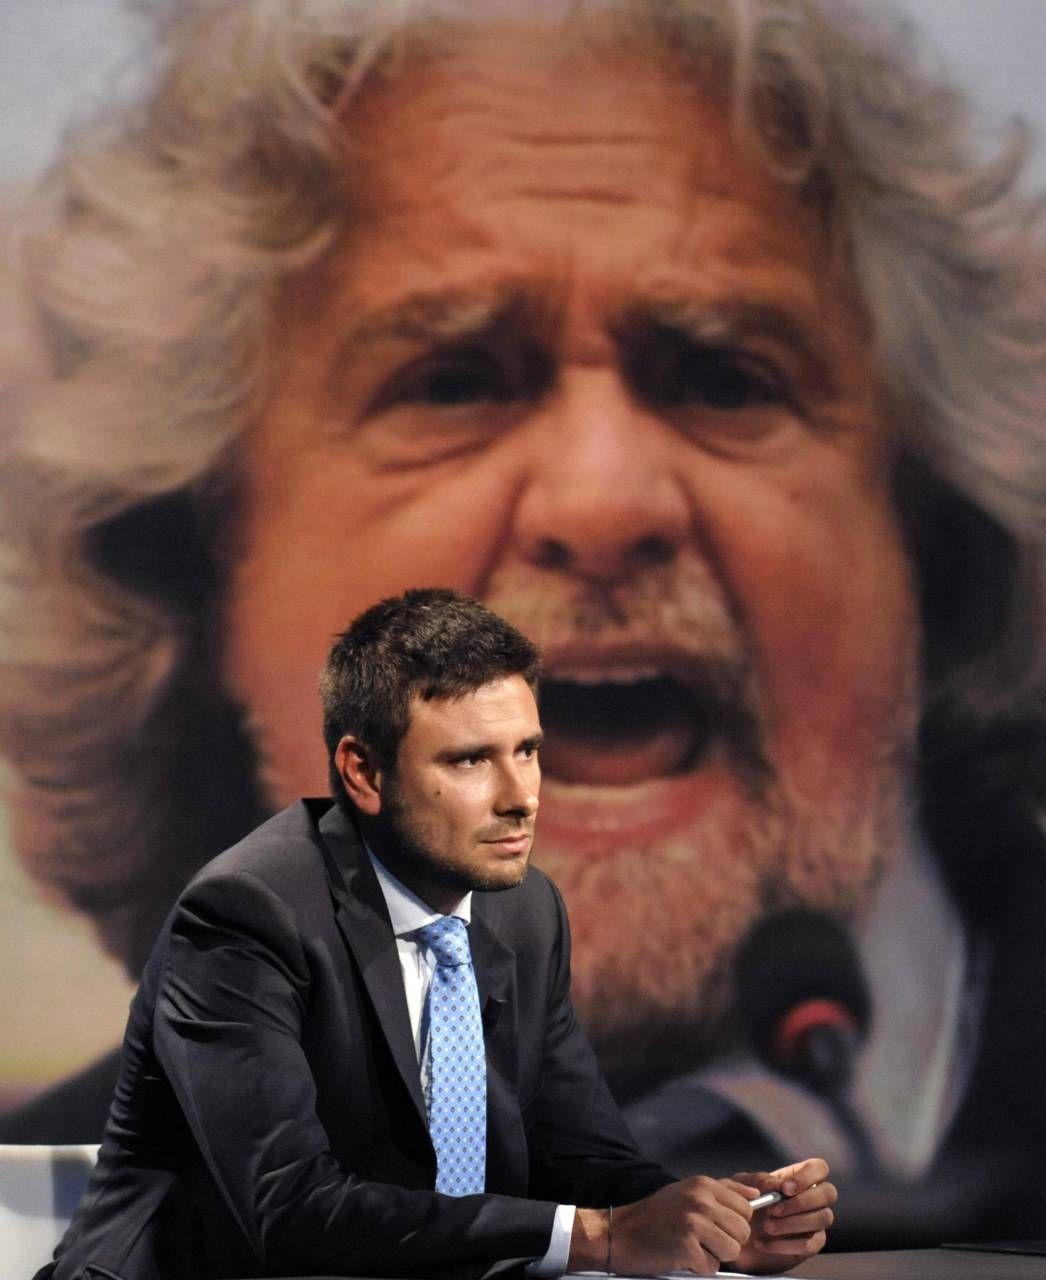 L'ex deputato Alessandro Di Battista, 41 anni. Sullo sfondo, Beppe Grillo, 71 anni, fondatore del Movimento 5 Stelle